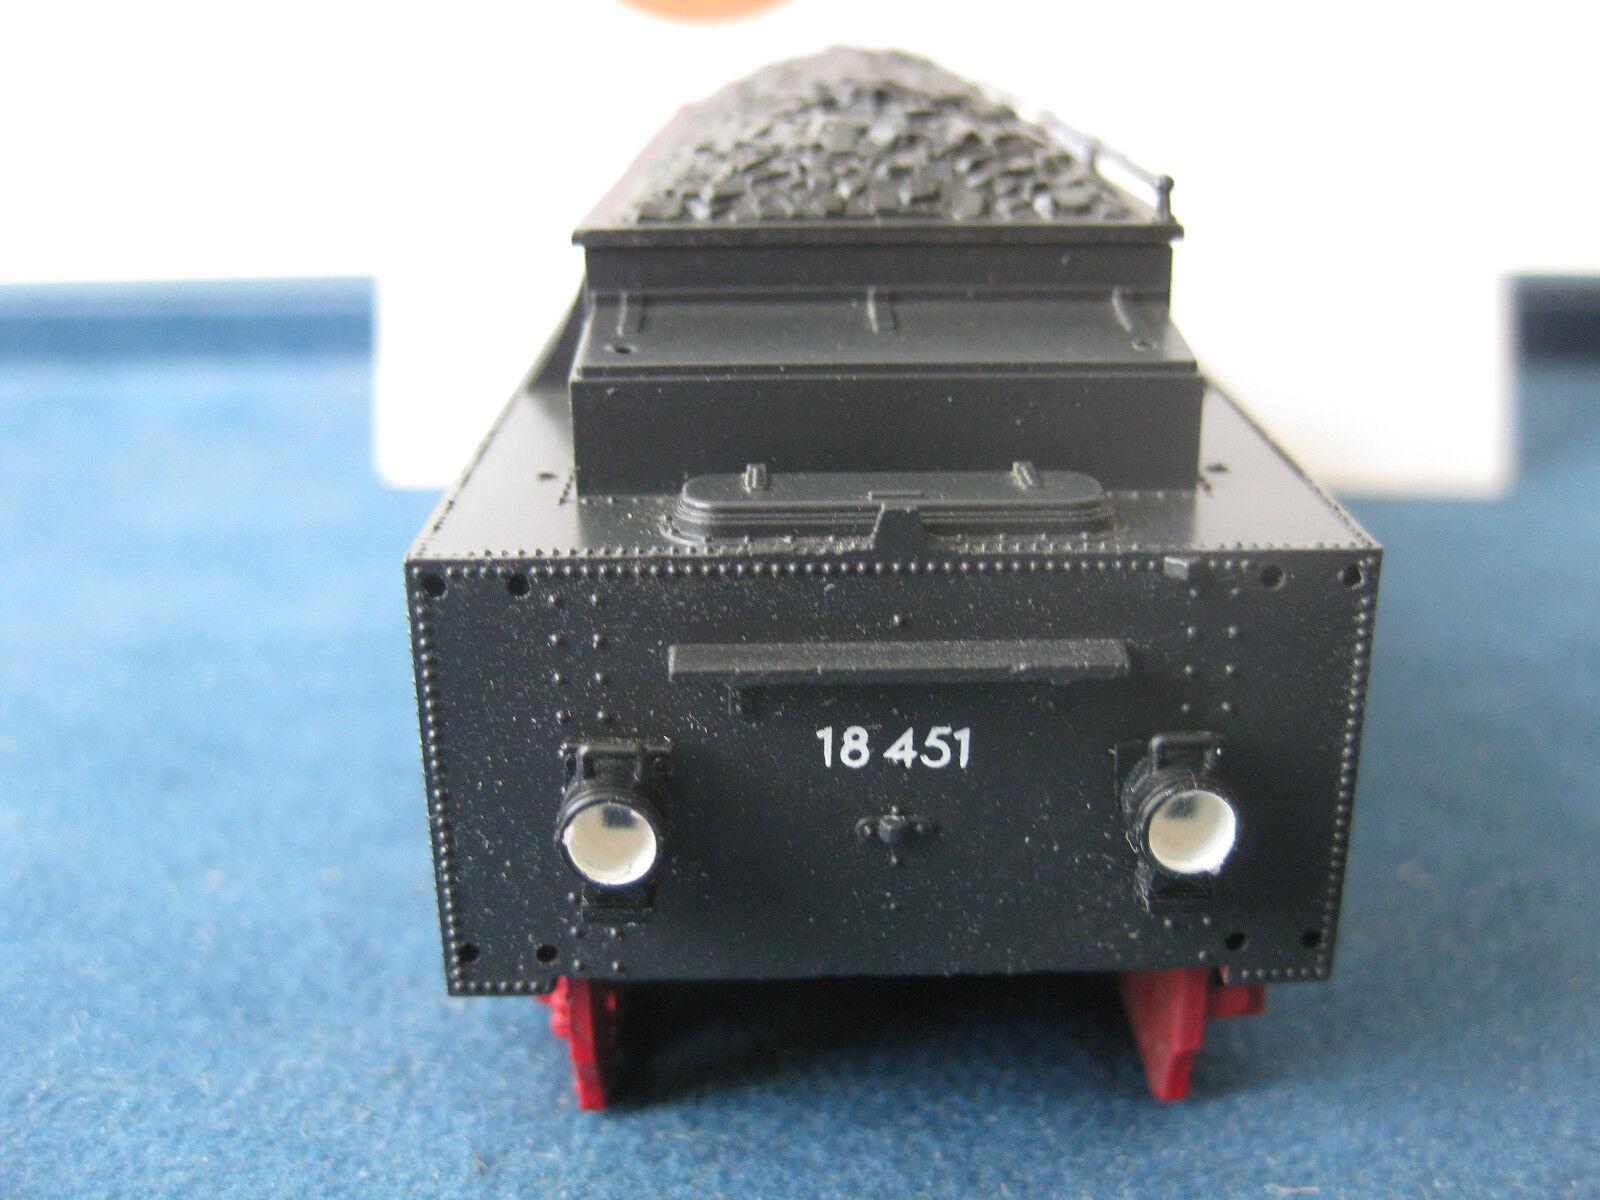 Liliput   41853 tender Cochecasa br 18 451 época III s3 6 nuevo